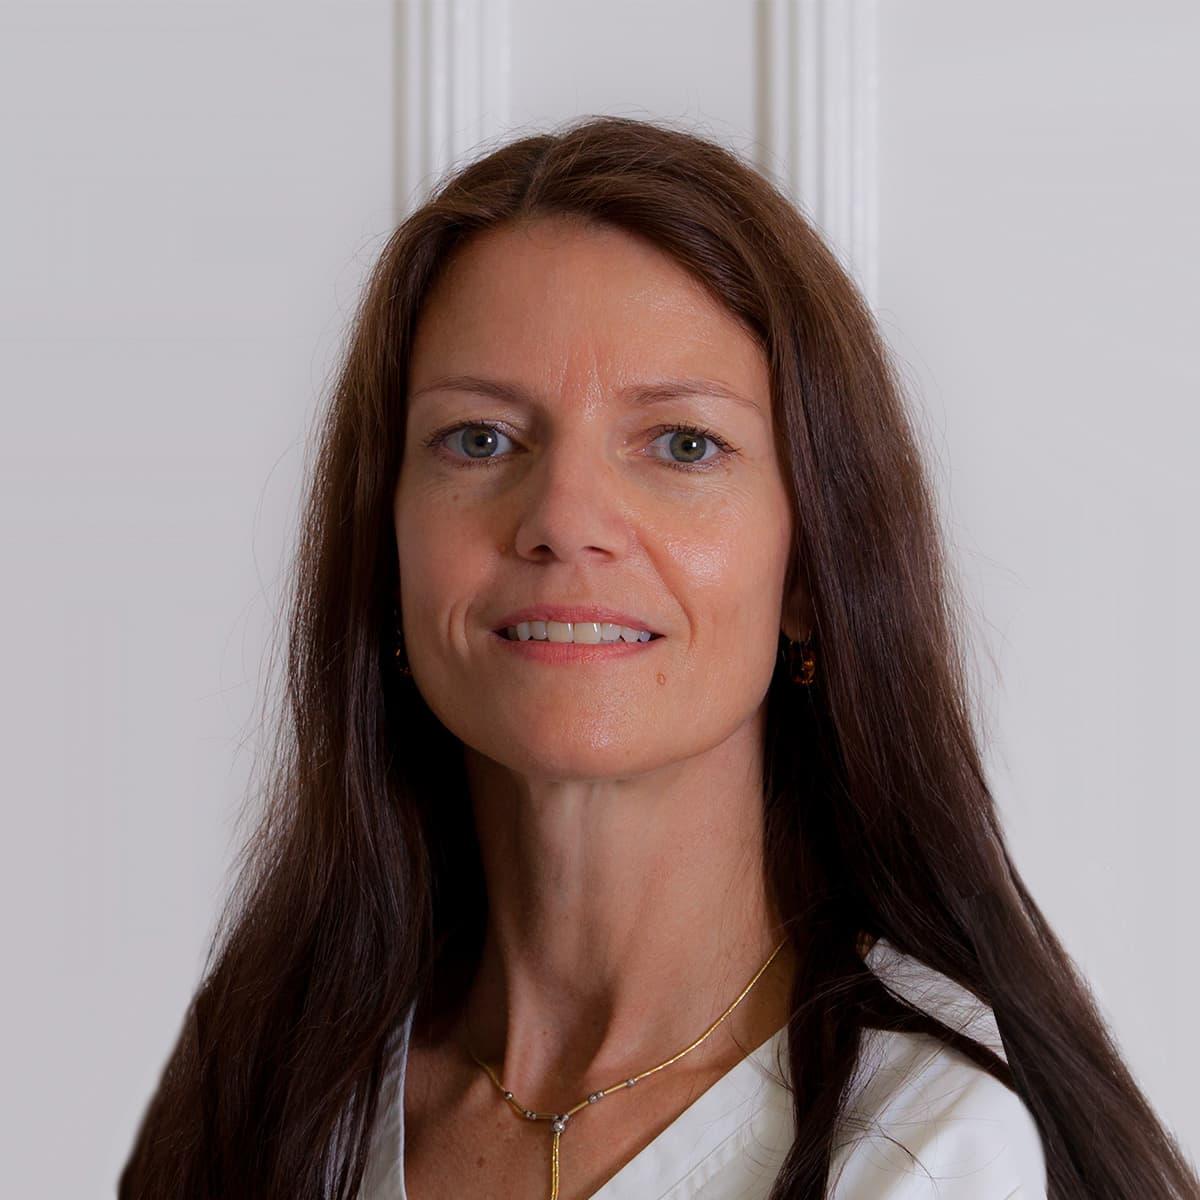 Zahnarztpraxis Berlin Gundel Ollmann - Jeannette Gottschalk